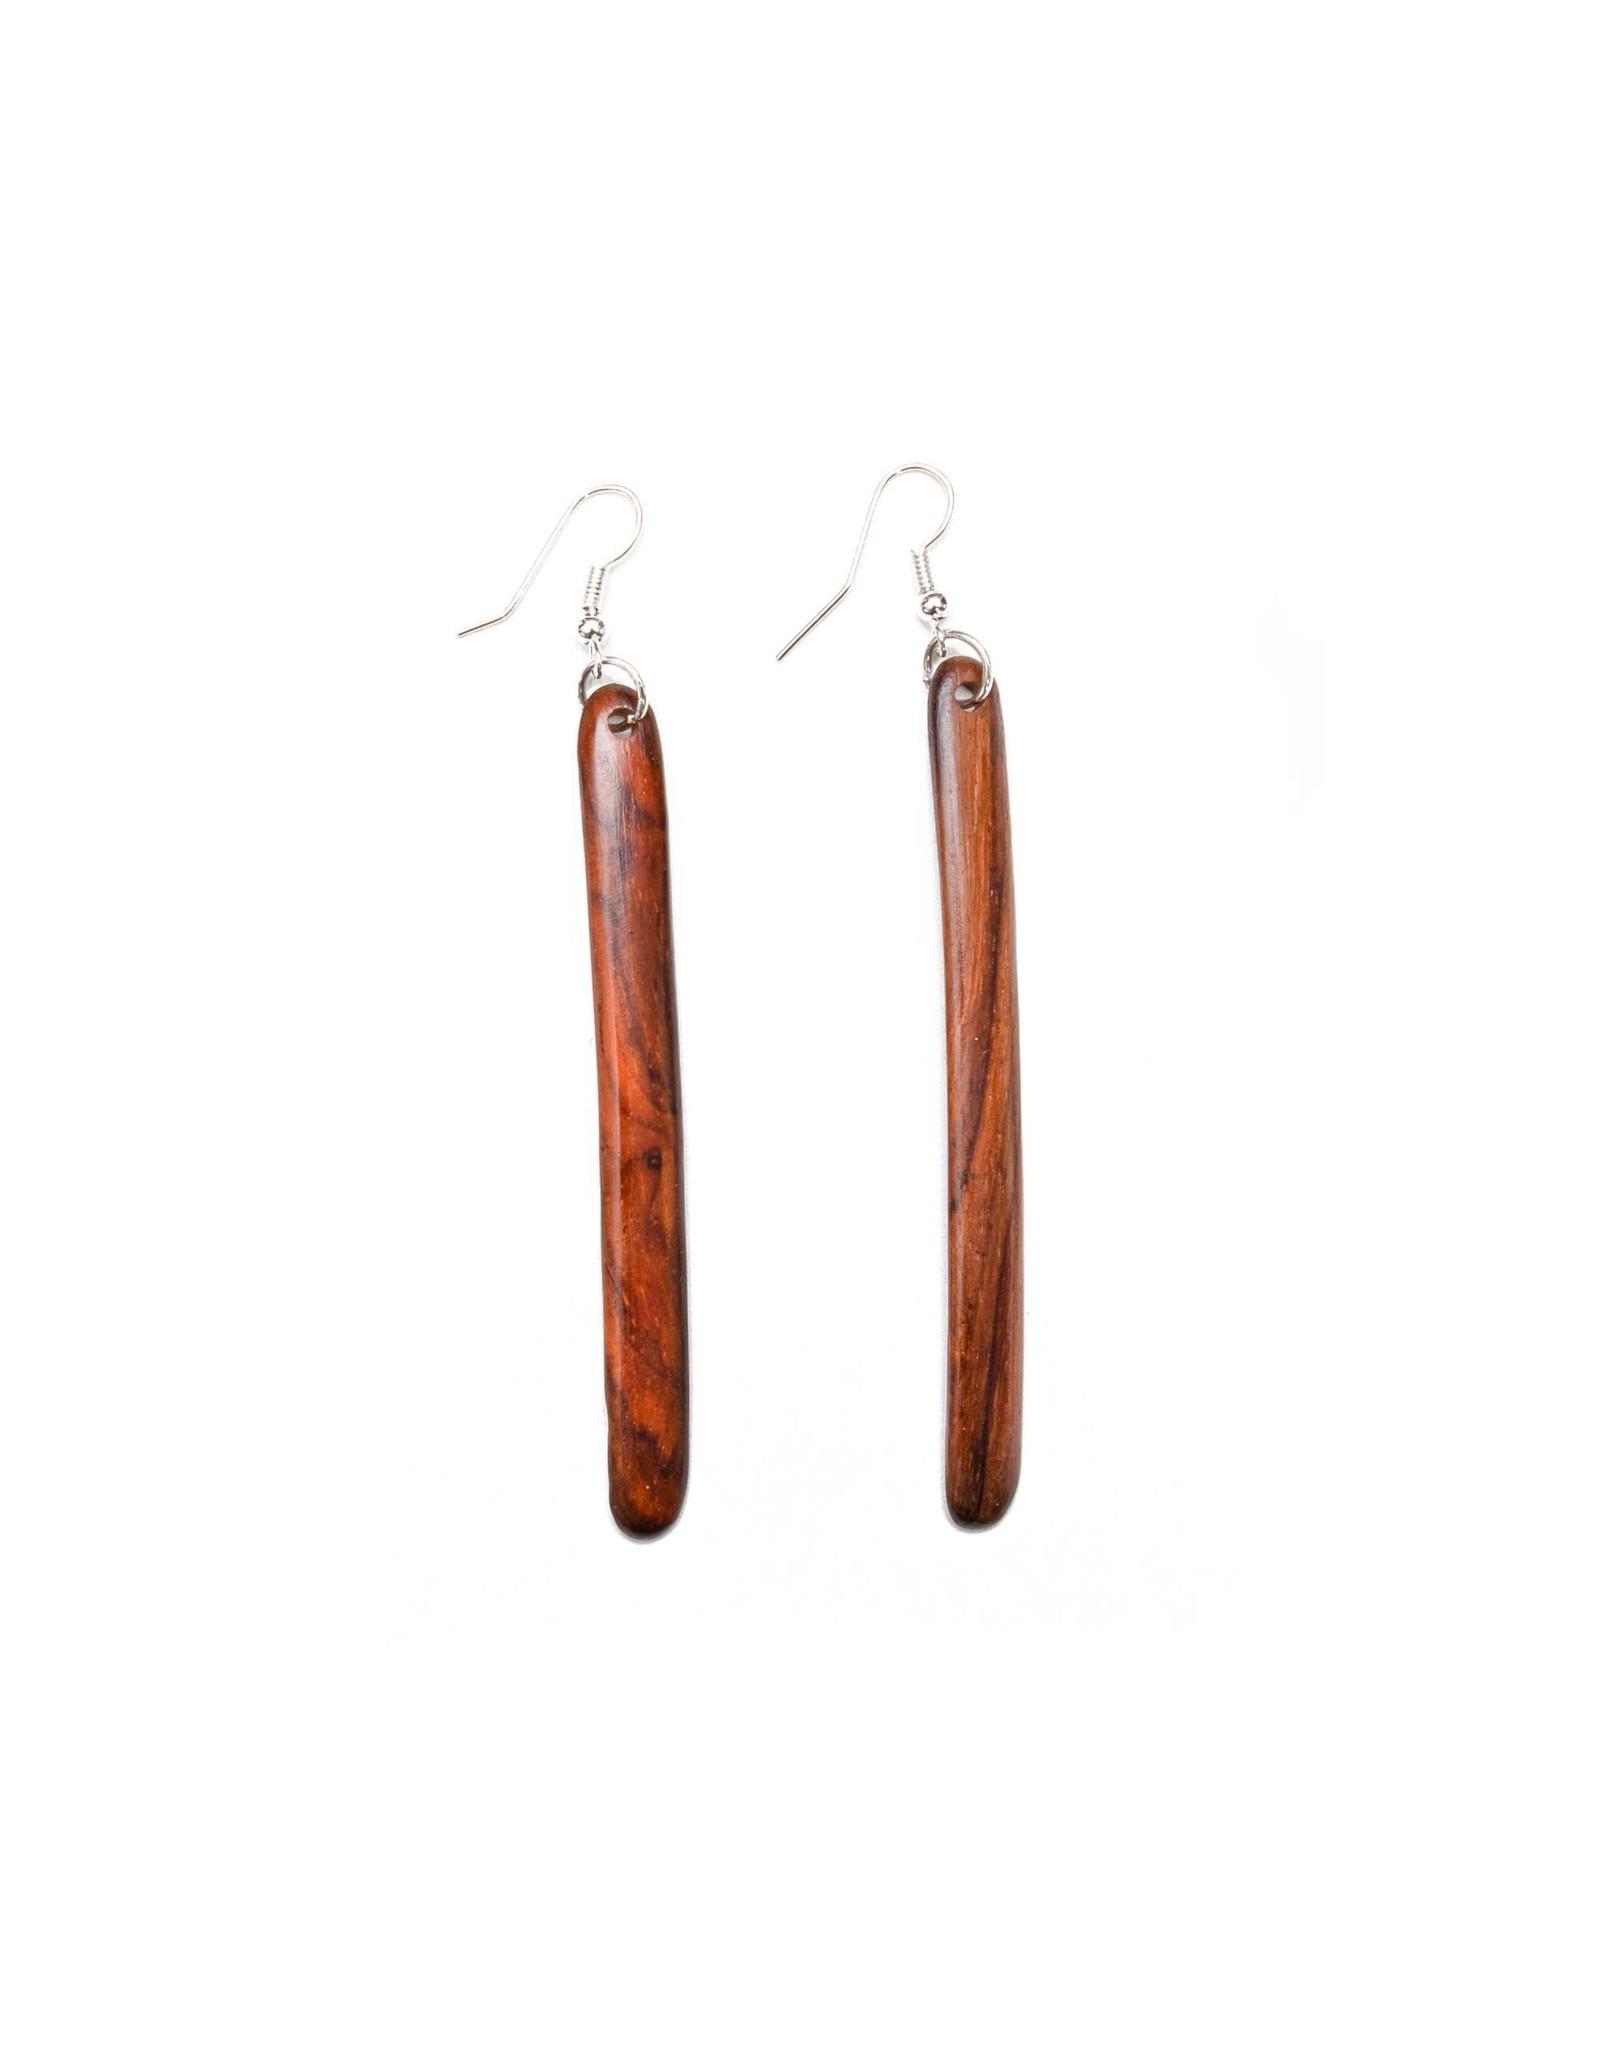 Wood Linear Earrings, Guatemala